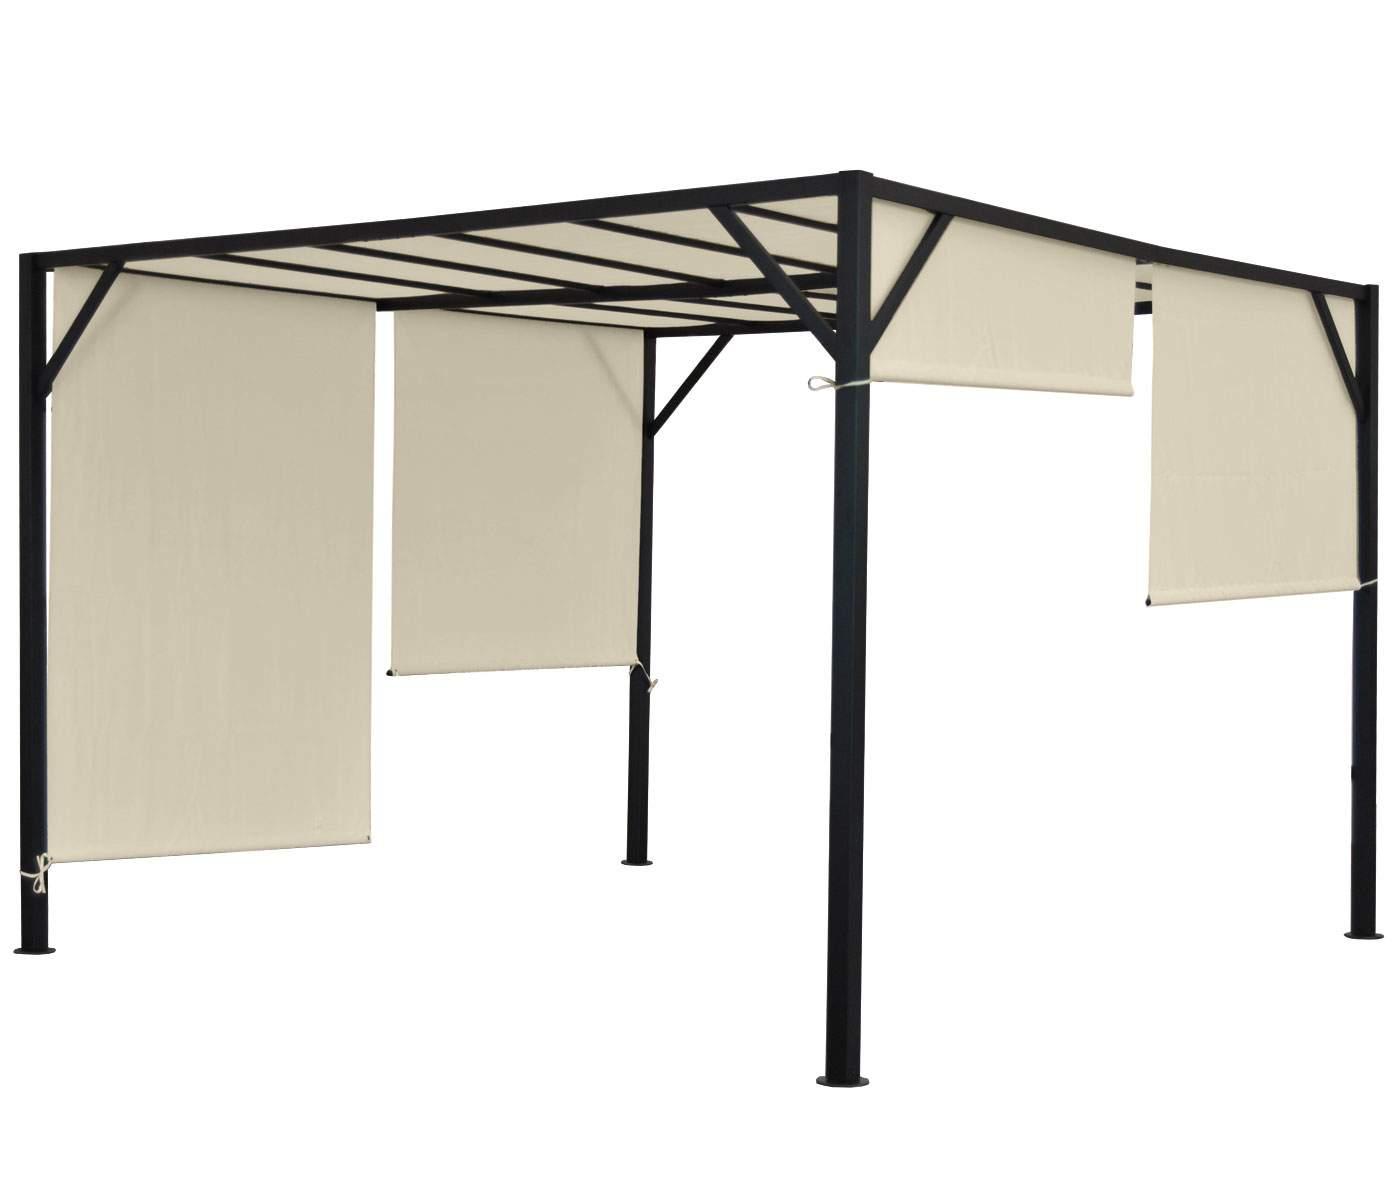 Pavillon Garten Schön Details Zu Pergola Beja Garten Pavillon Stabiles 6cm Stahl Gestell Schiebedach 4x4m